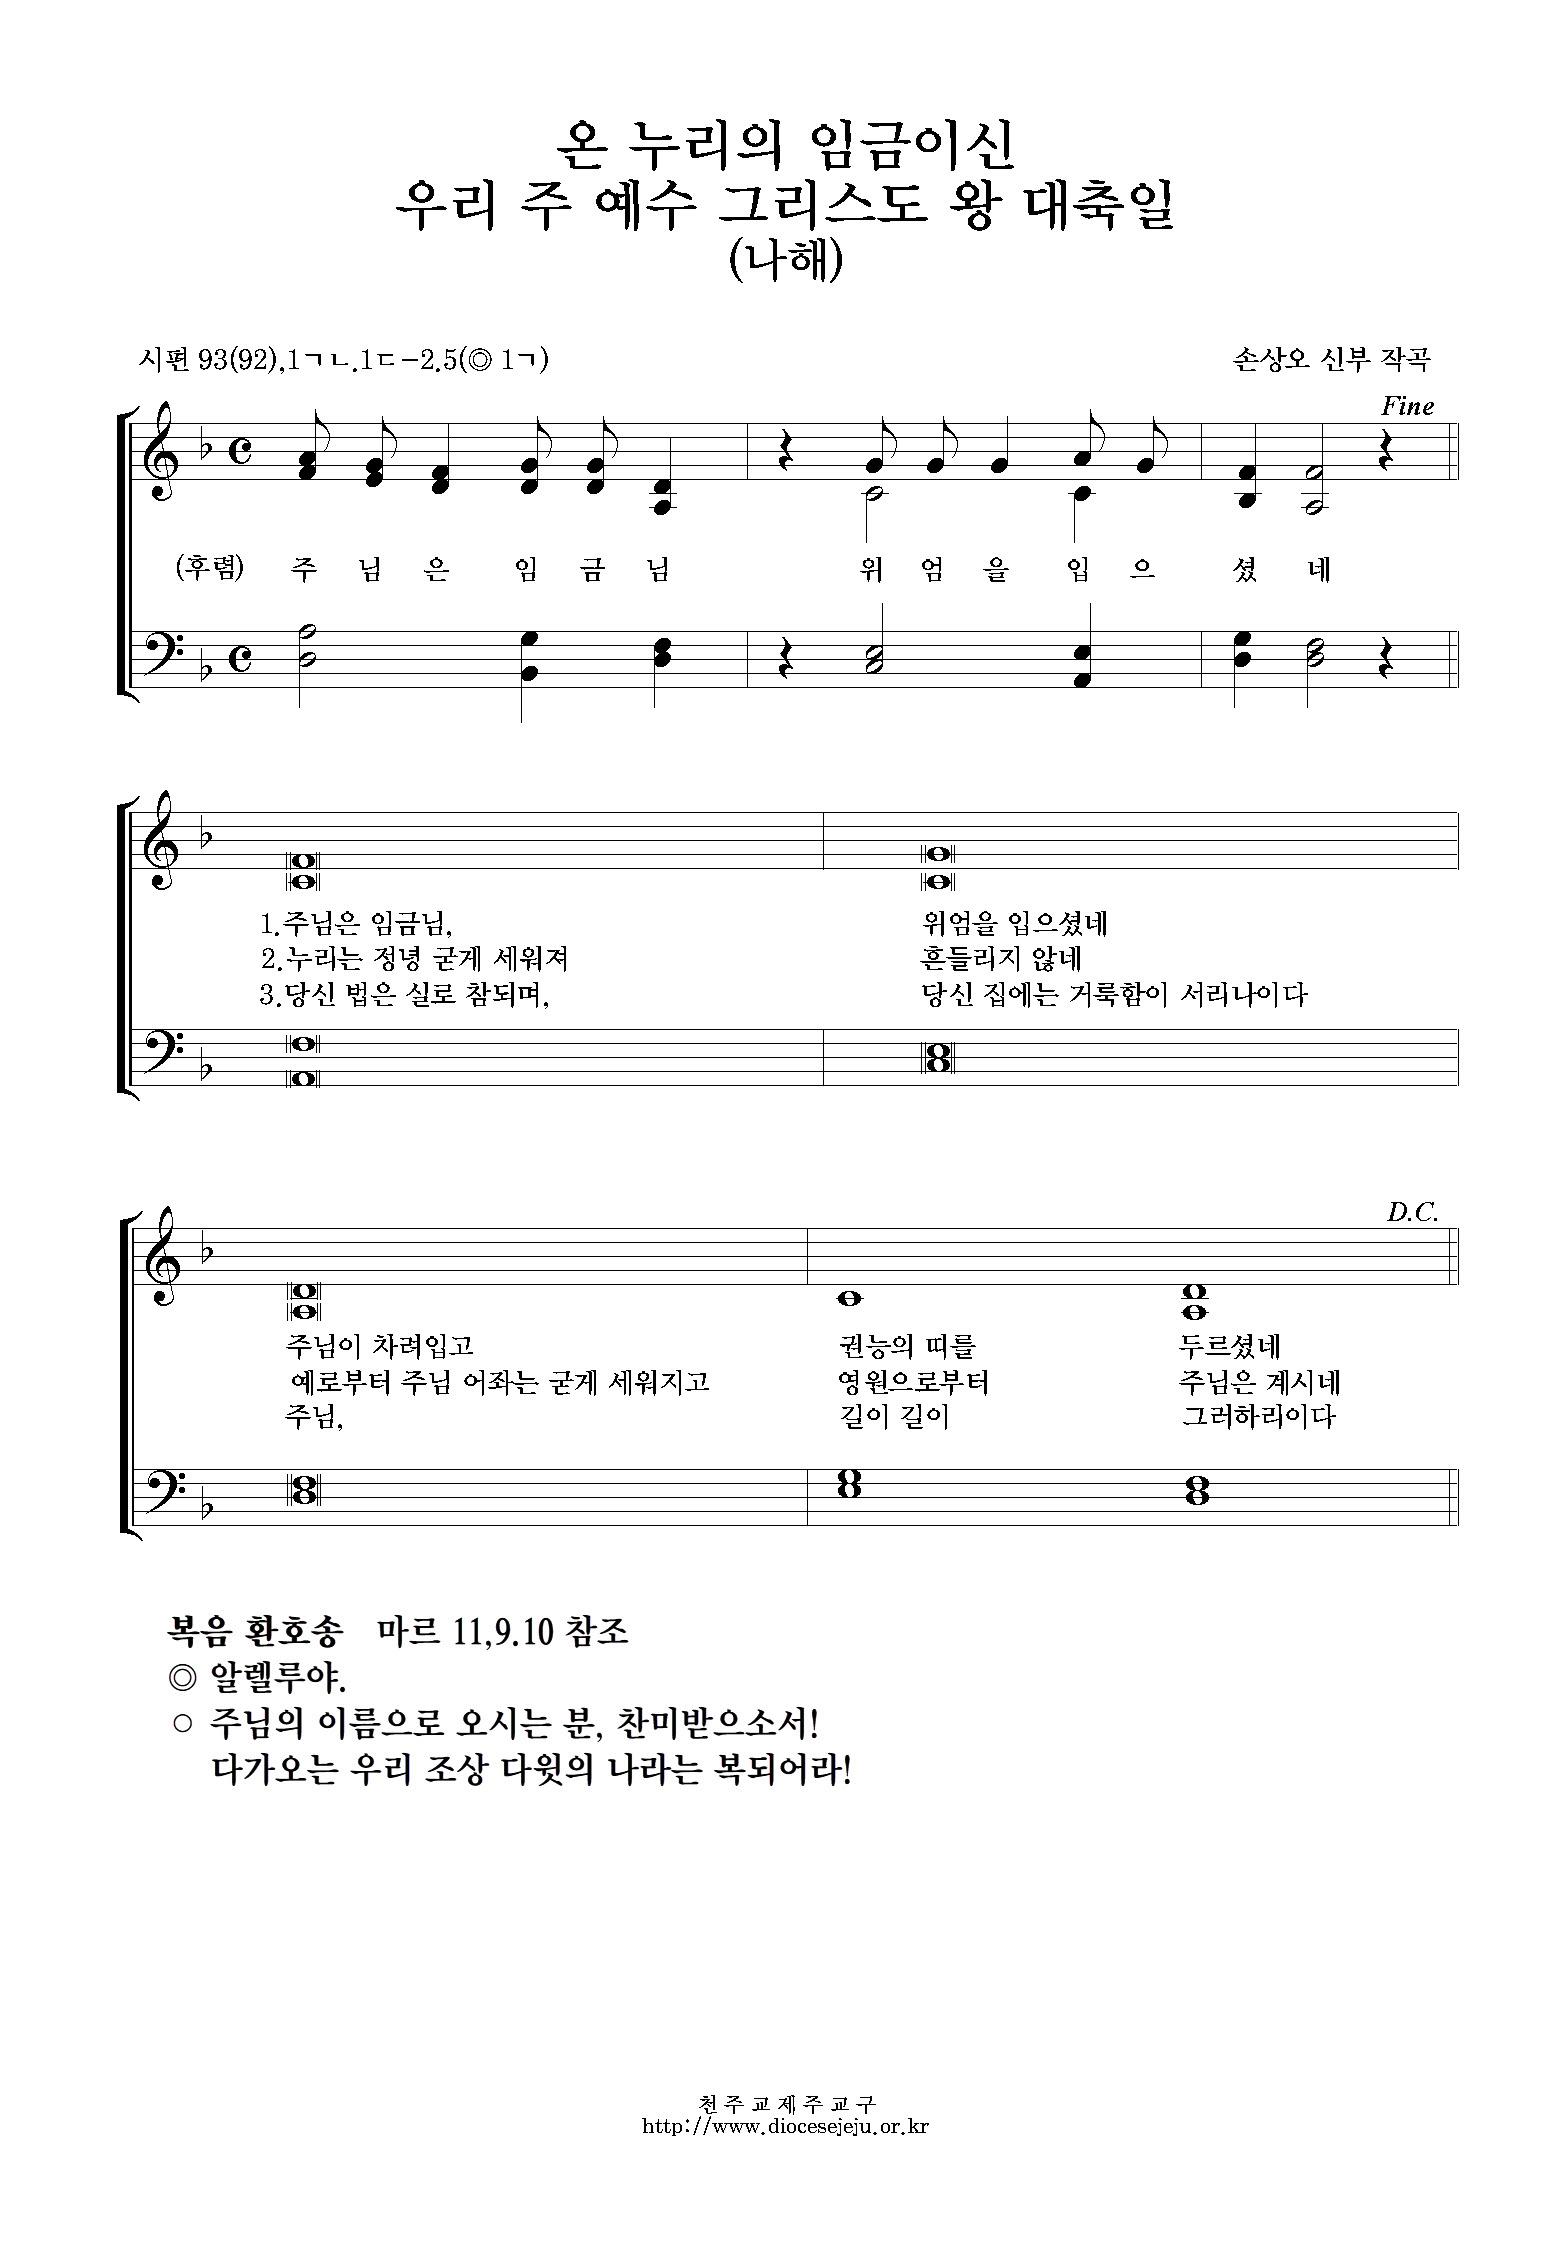 20181125-온 누리의 임금이신 우리 주 예수 그리스도왕 대축일(나해).jpg